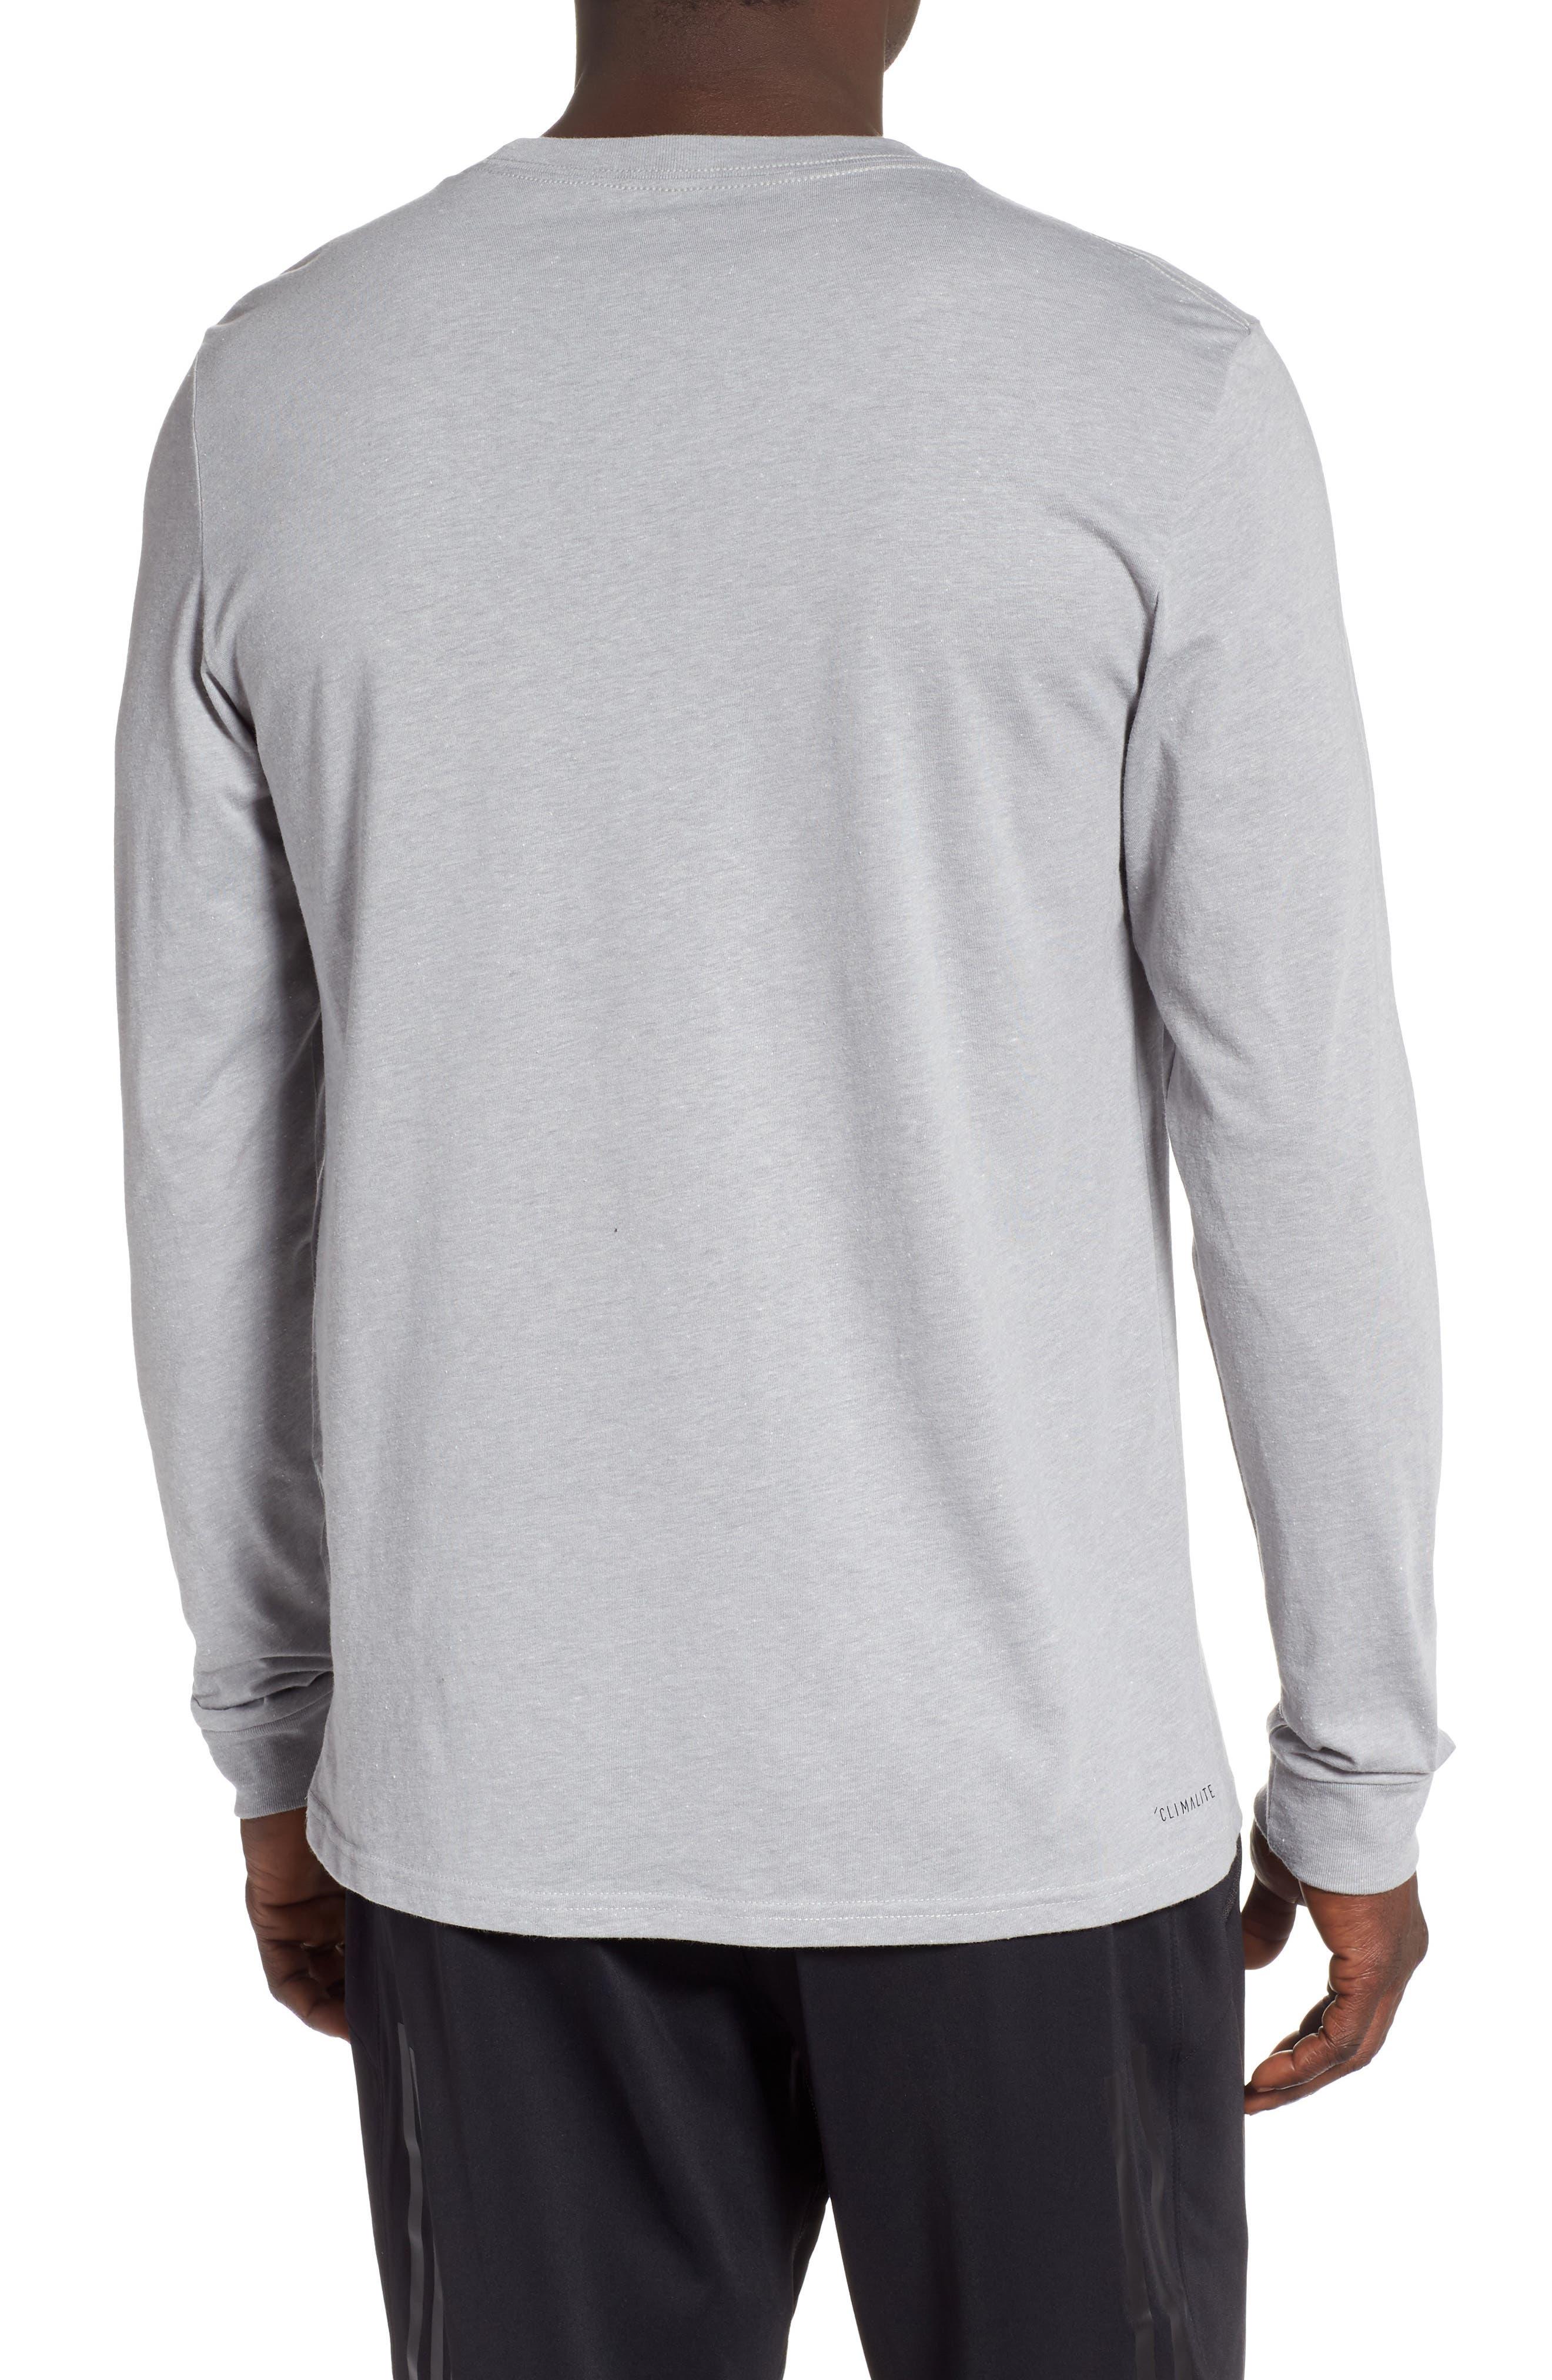 TeesNordstrom Adidas T Men's Topsamp; ShirtsTank Graphic xBCderoW